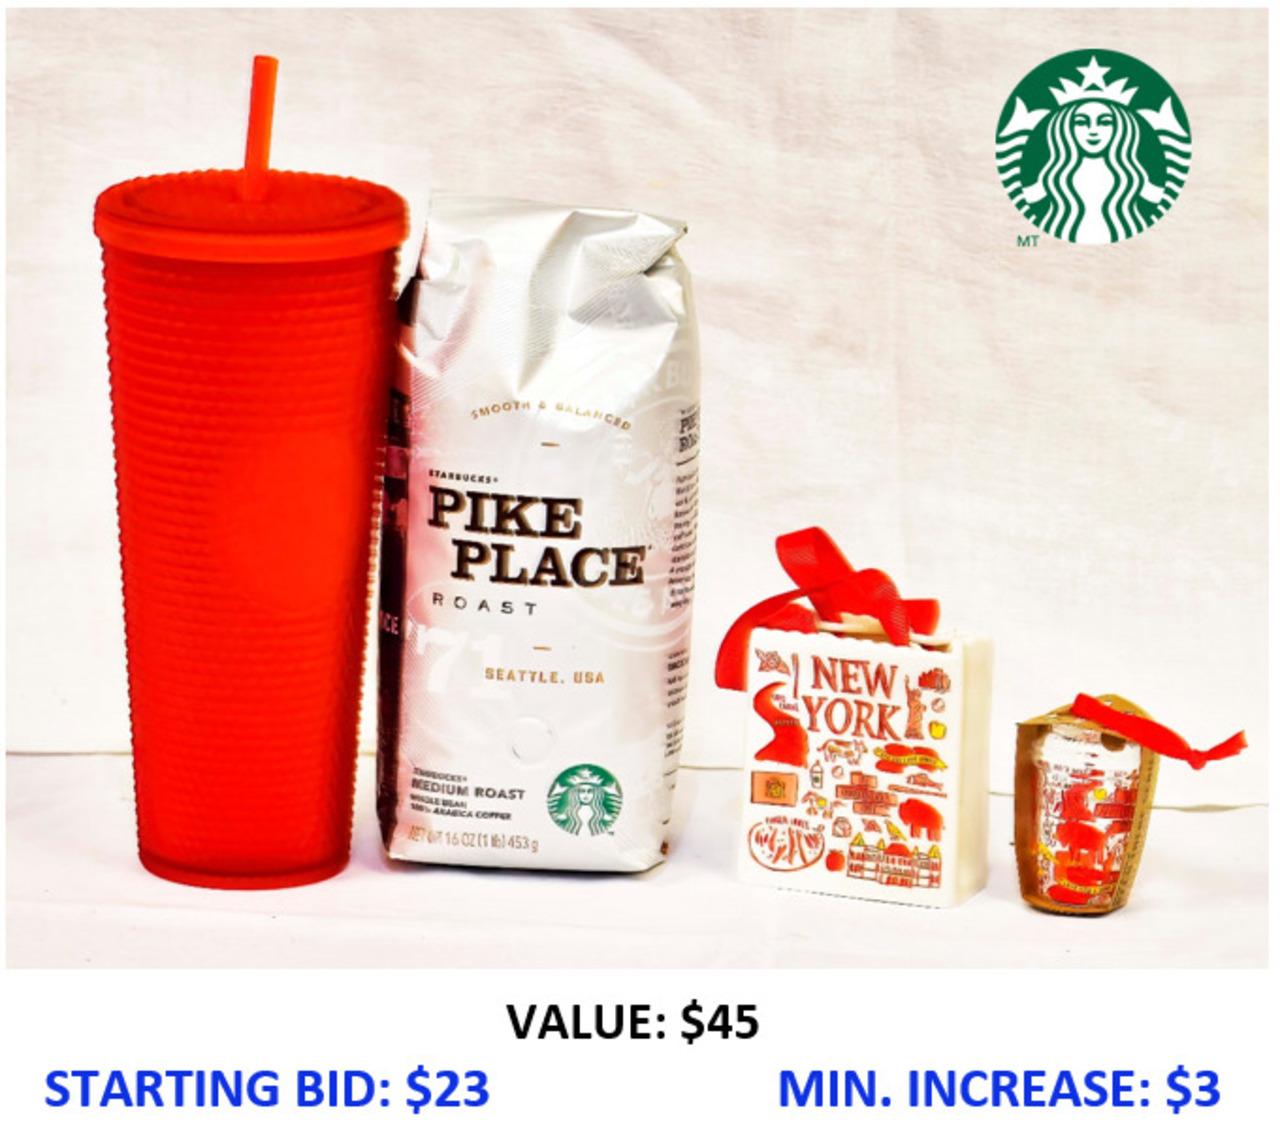 Starbucks Gift Bag